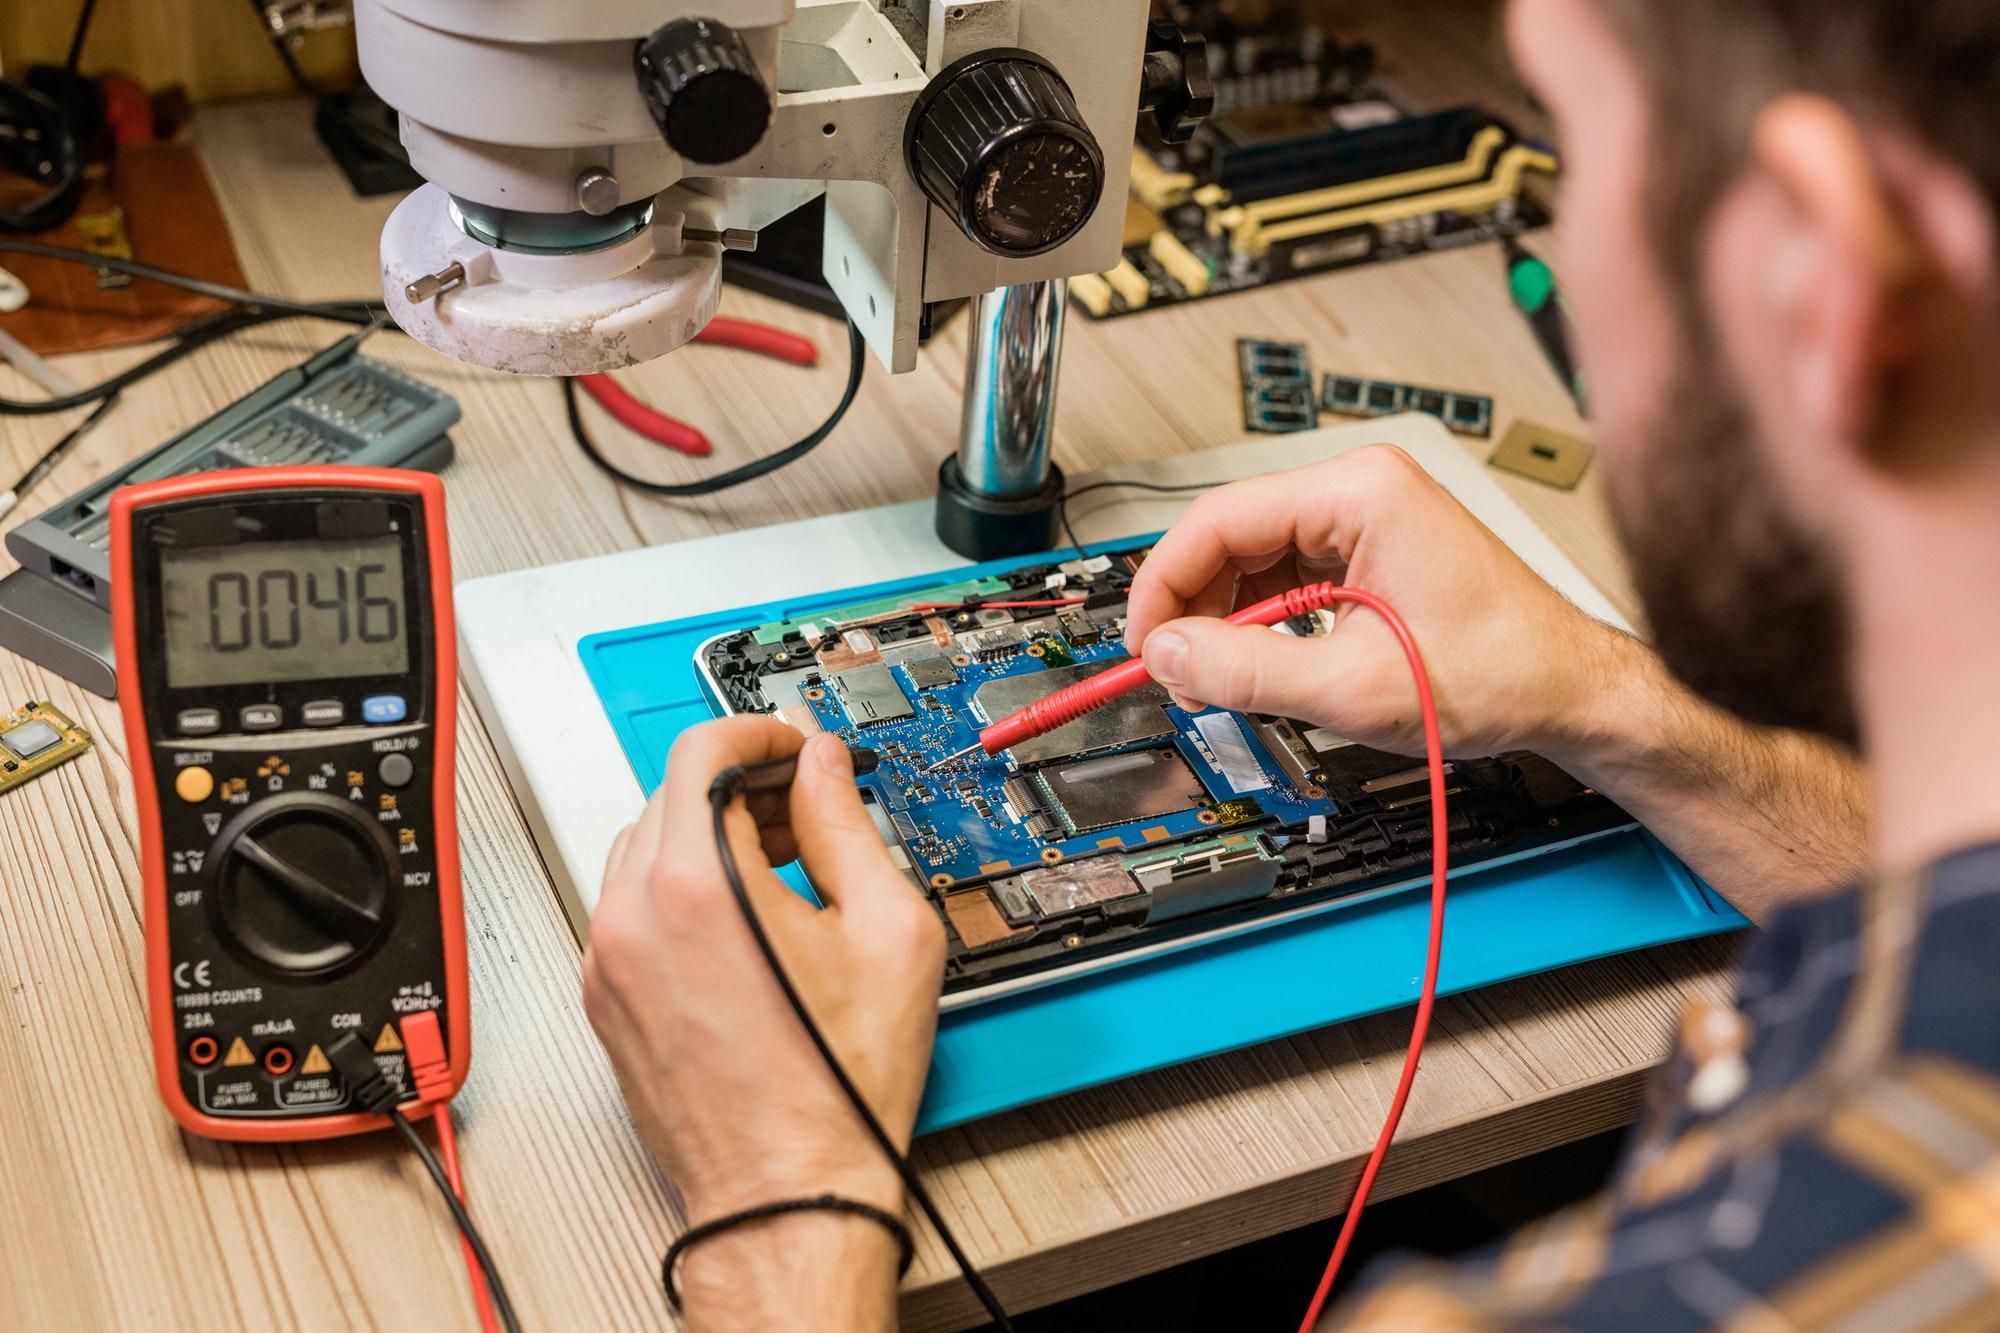 Din loyale elektriker i Hellerip kommune som Få alt fra el-renoveringer til fejlsøgning døgnservice elektriker Hellerup. Ring for el priser »